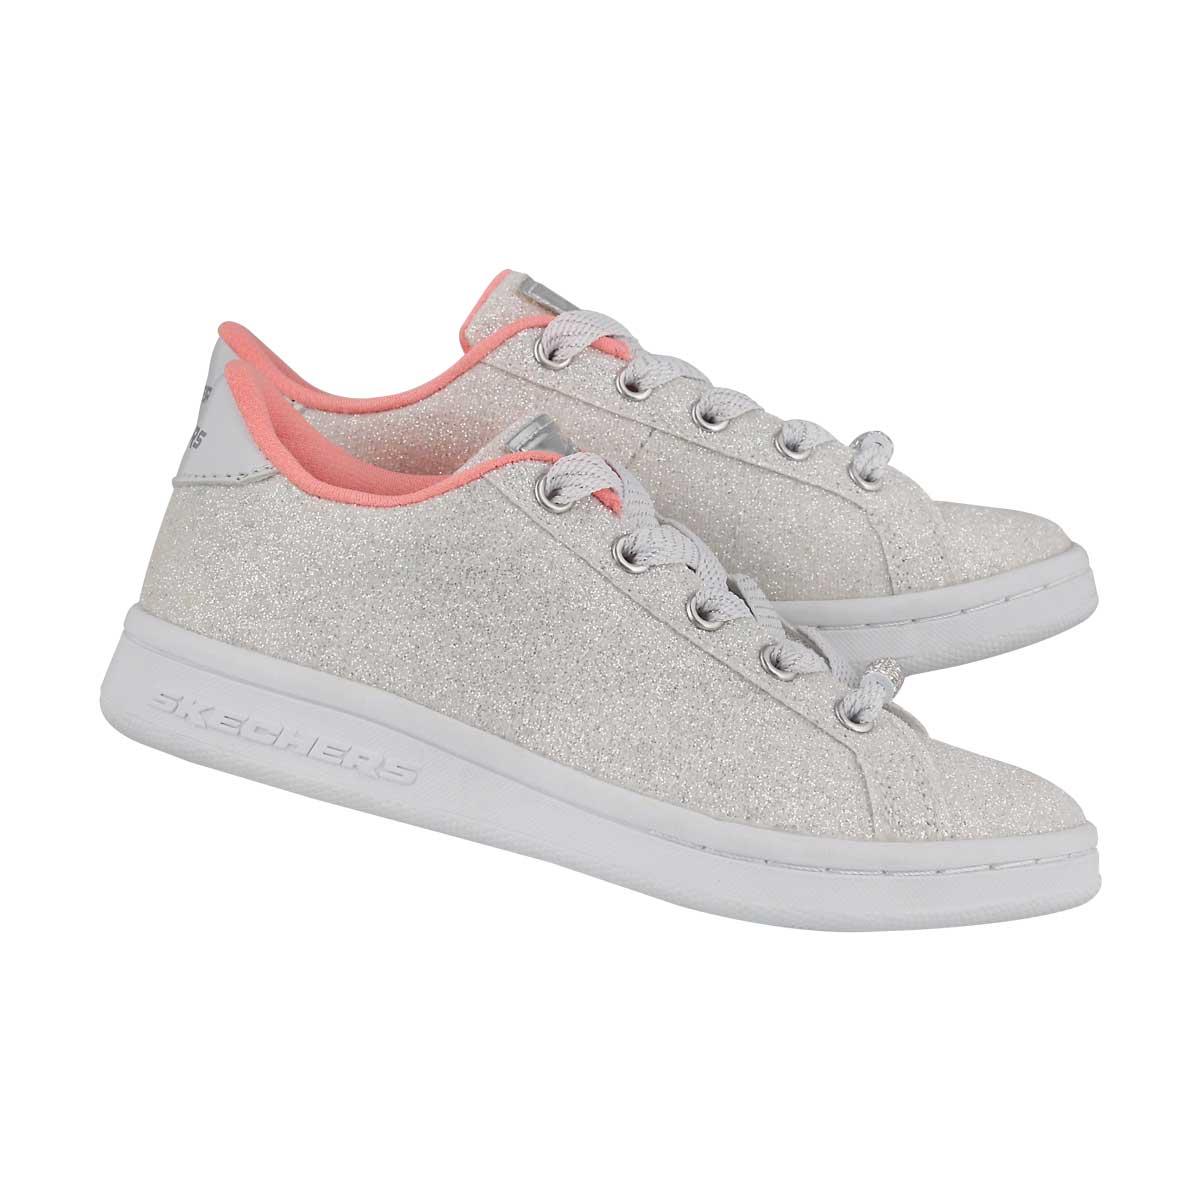 Grls Omne Shimmer Street wht sneaker